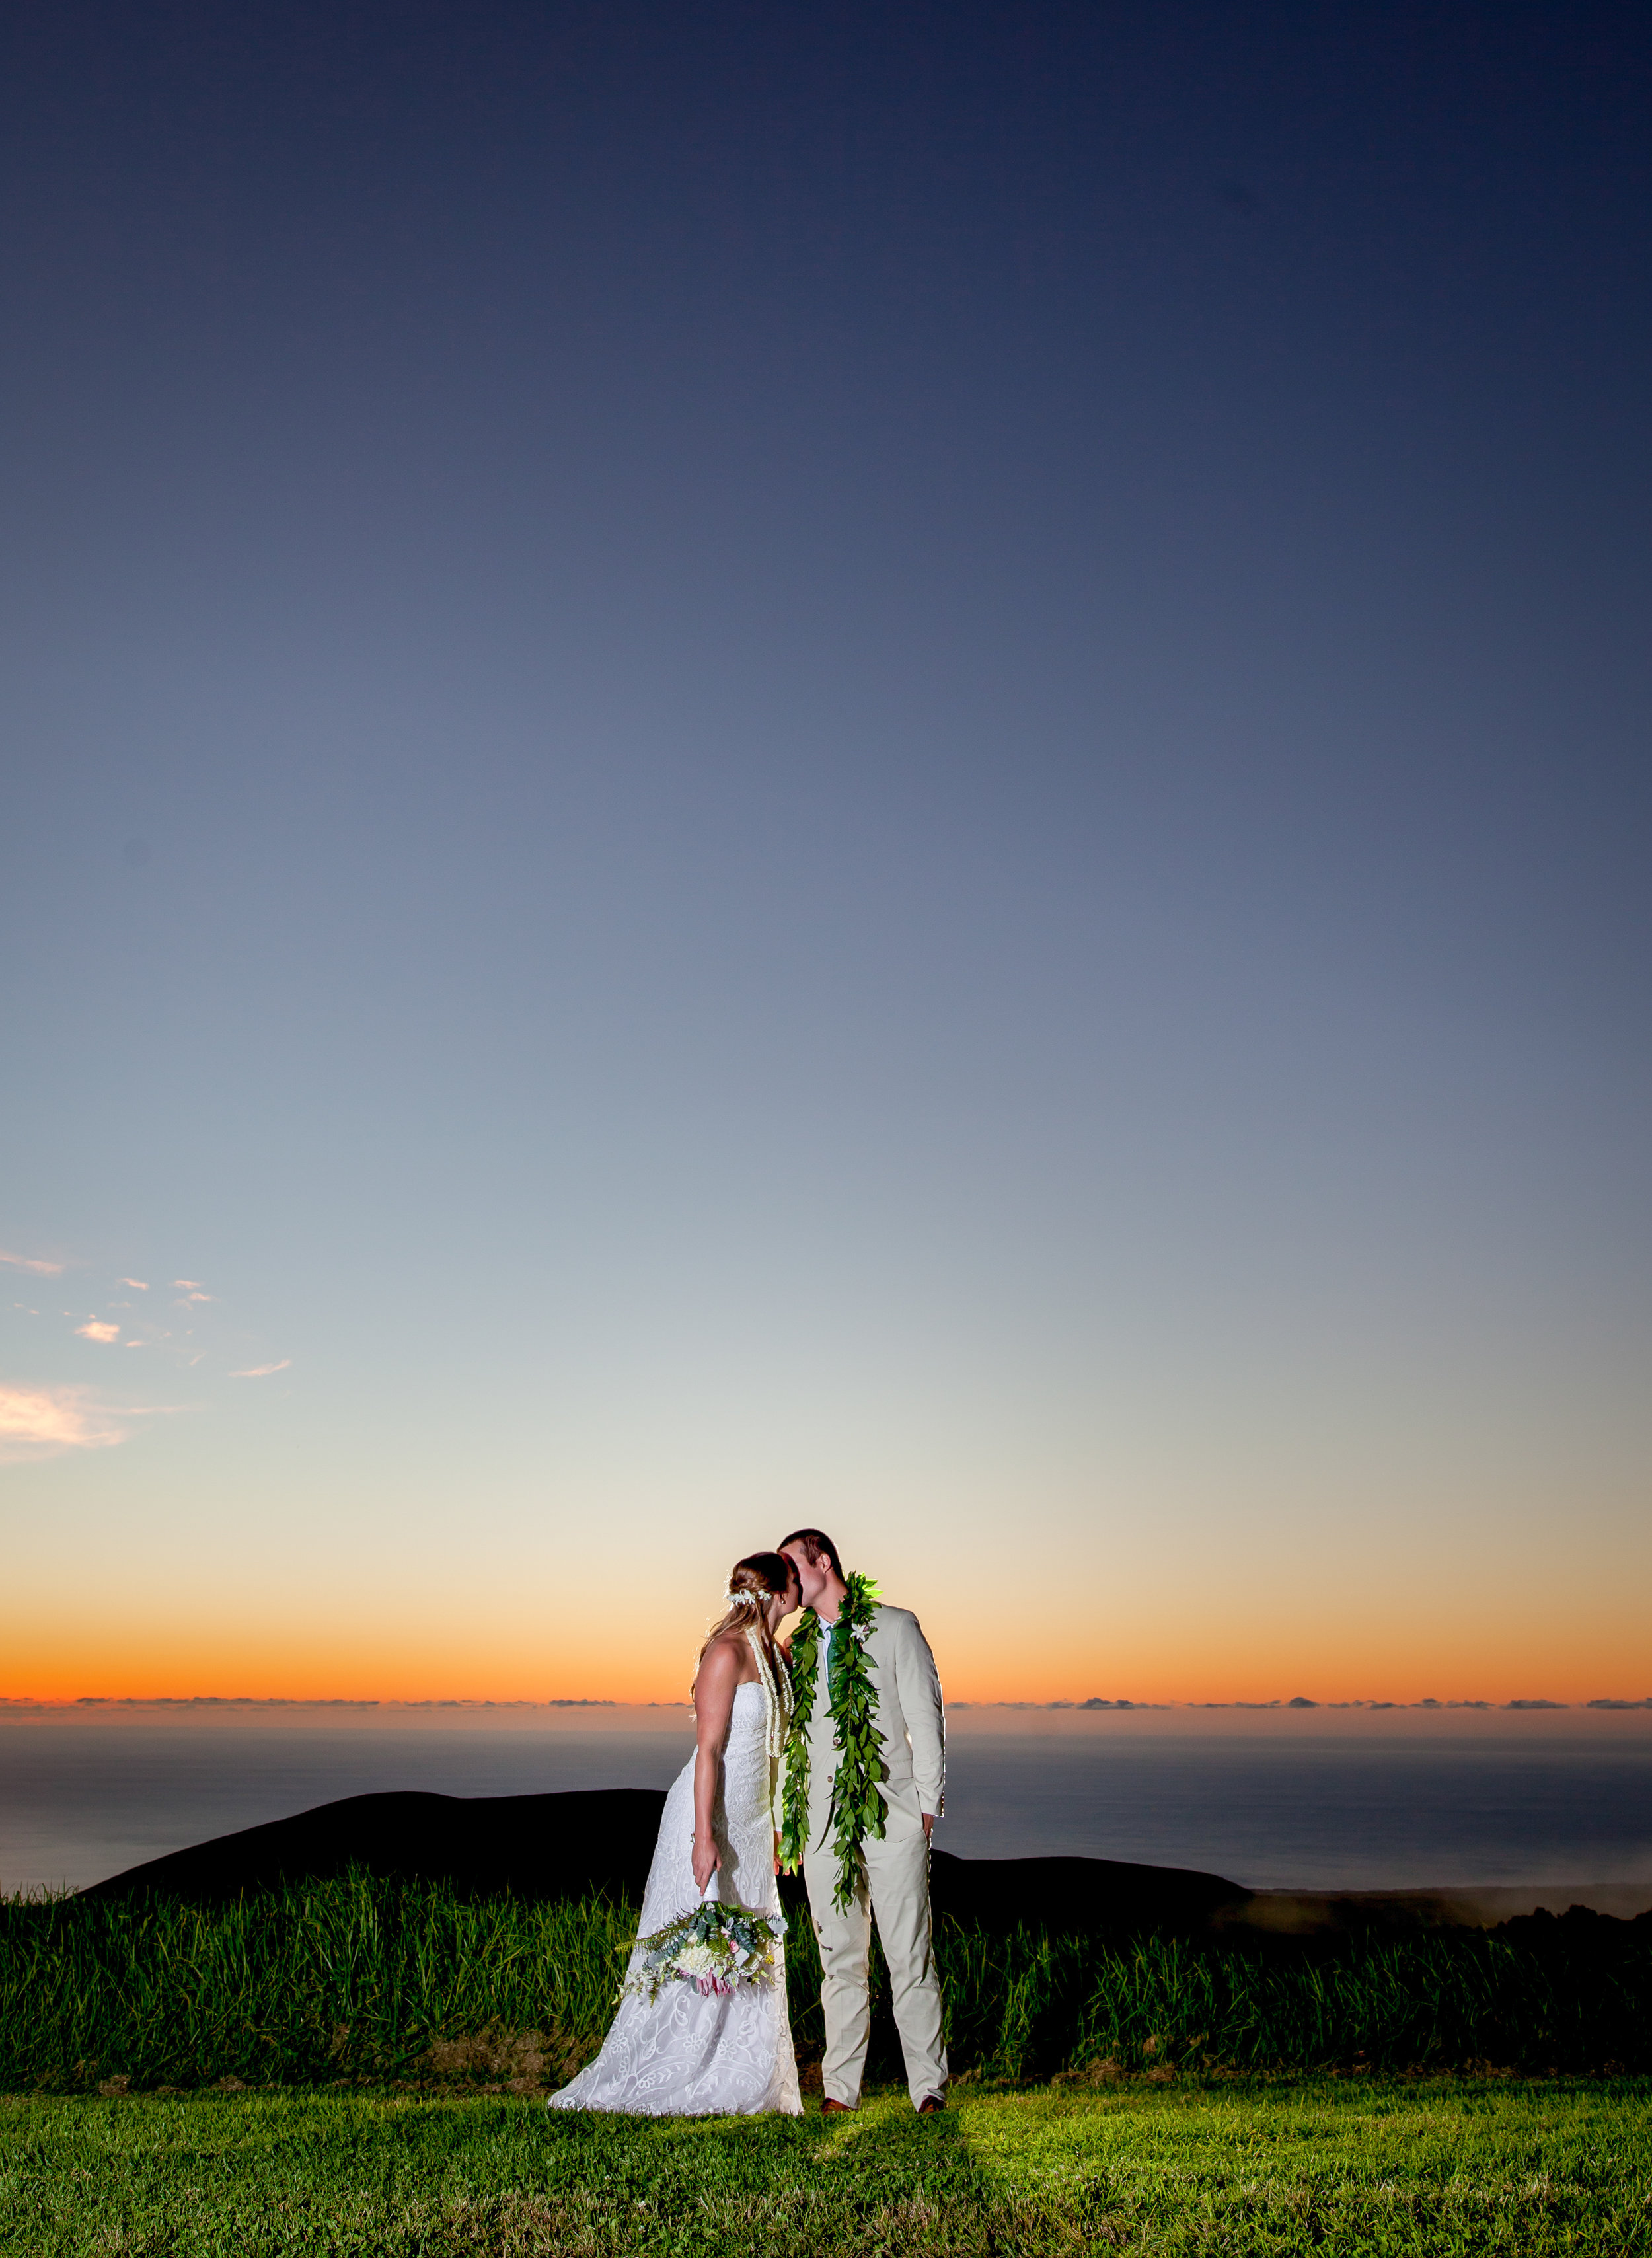 big island hawaii kahua ranch wedding © kelilina photography 20170106180813.jpg